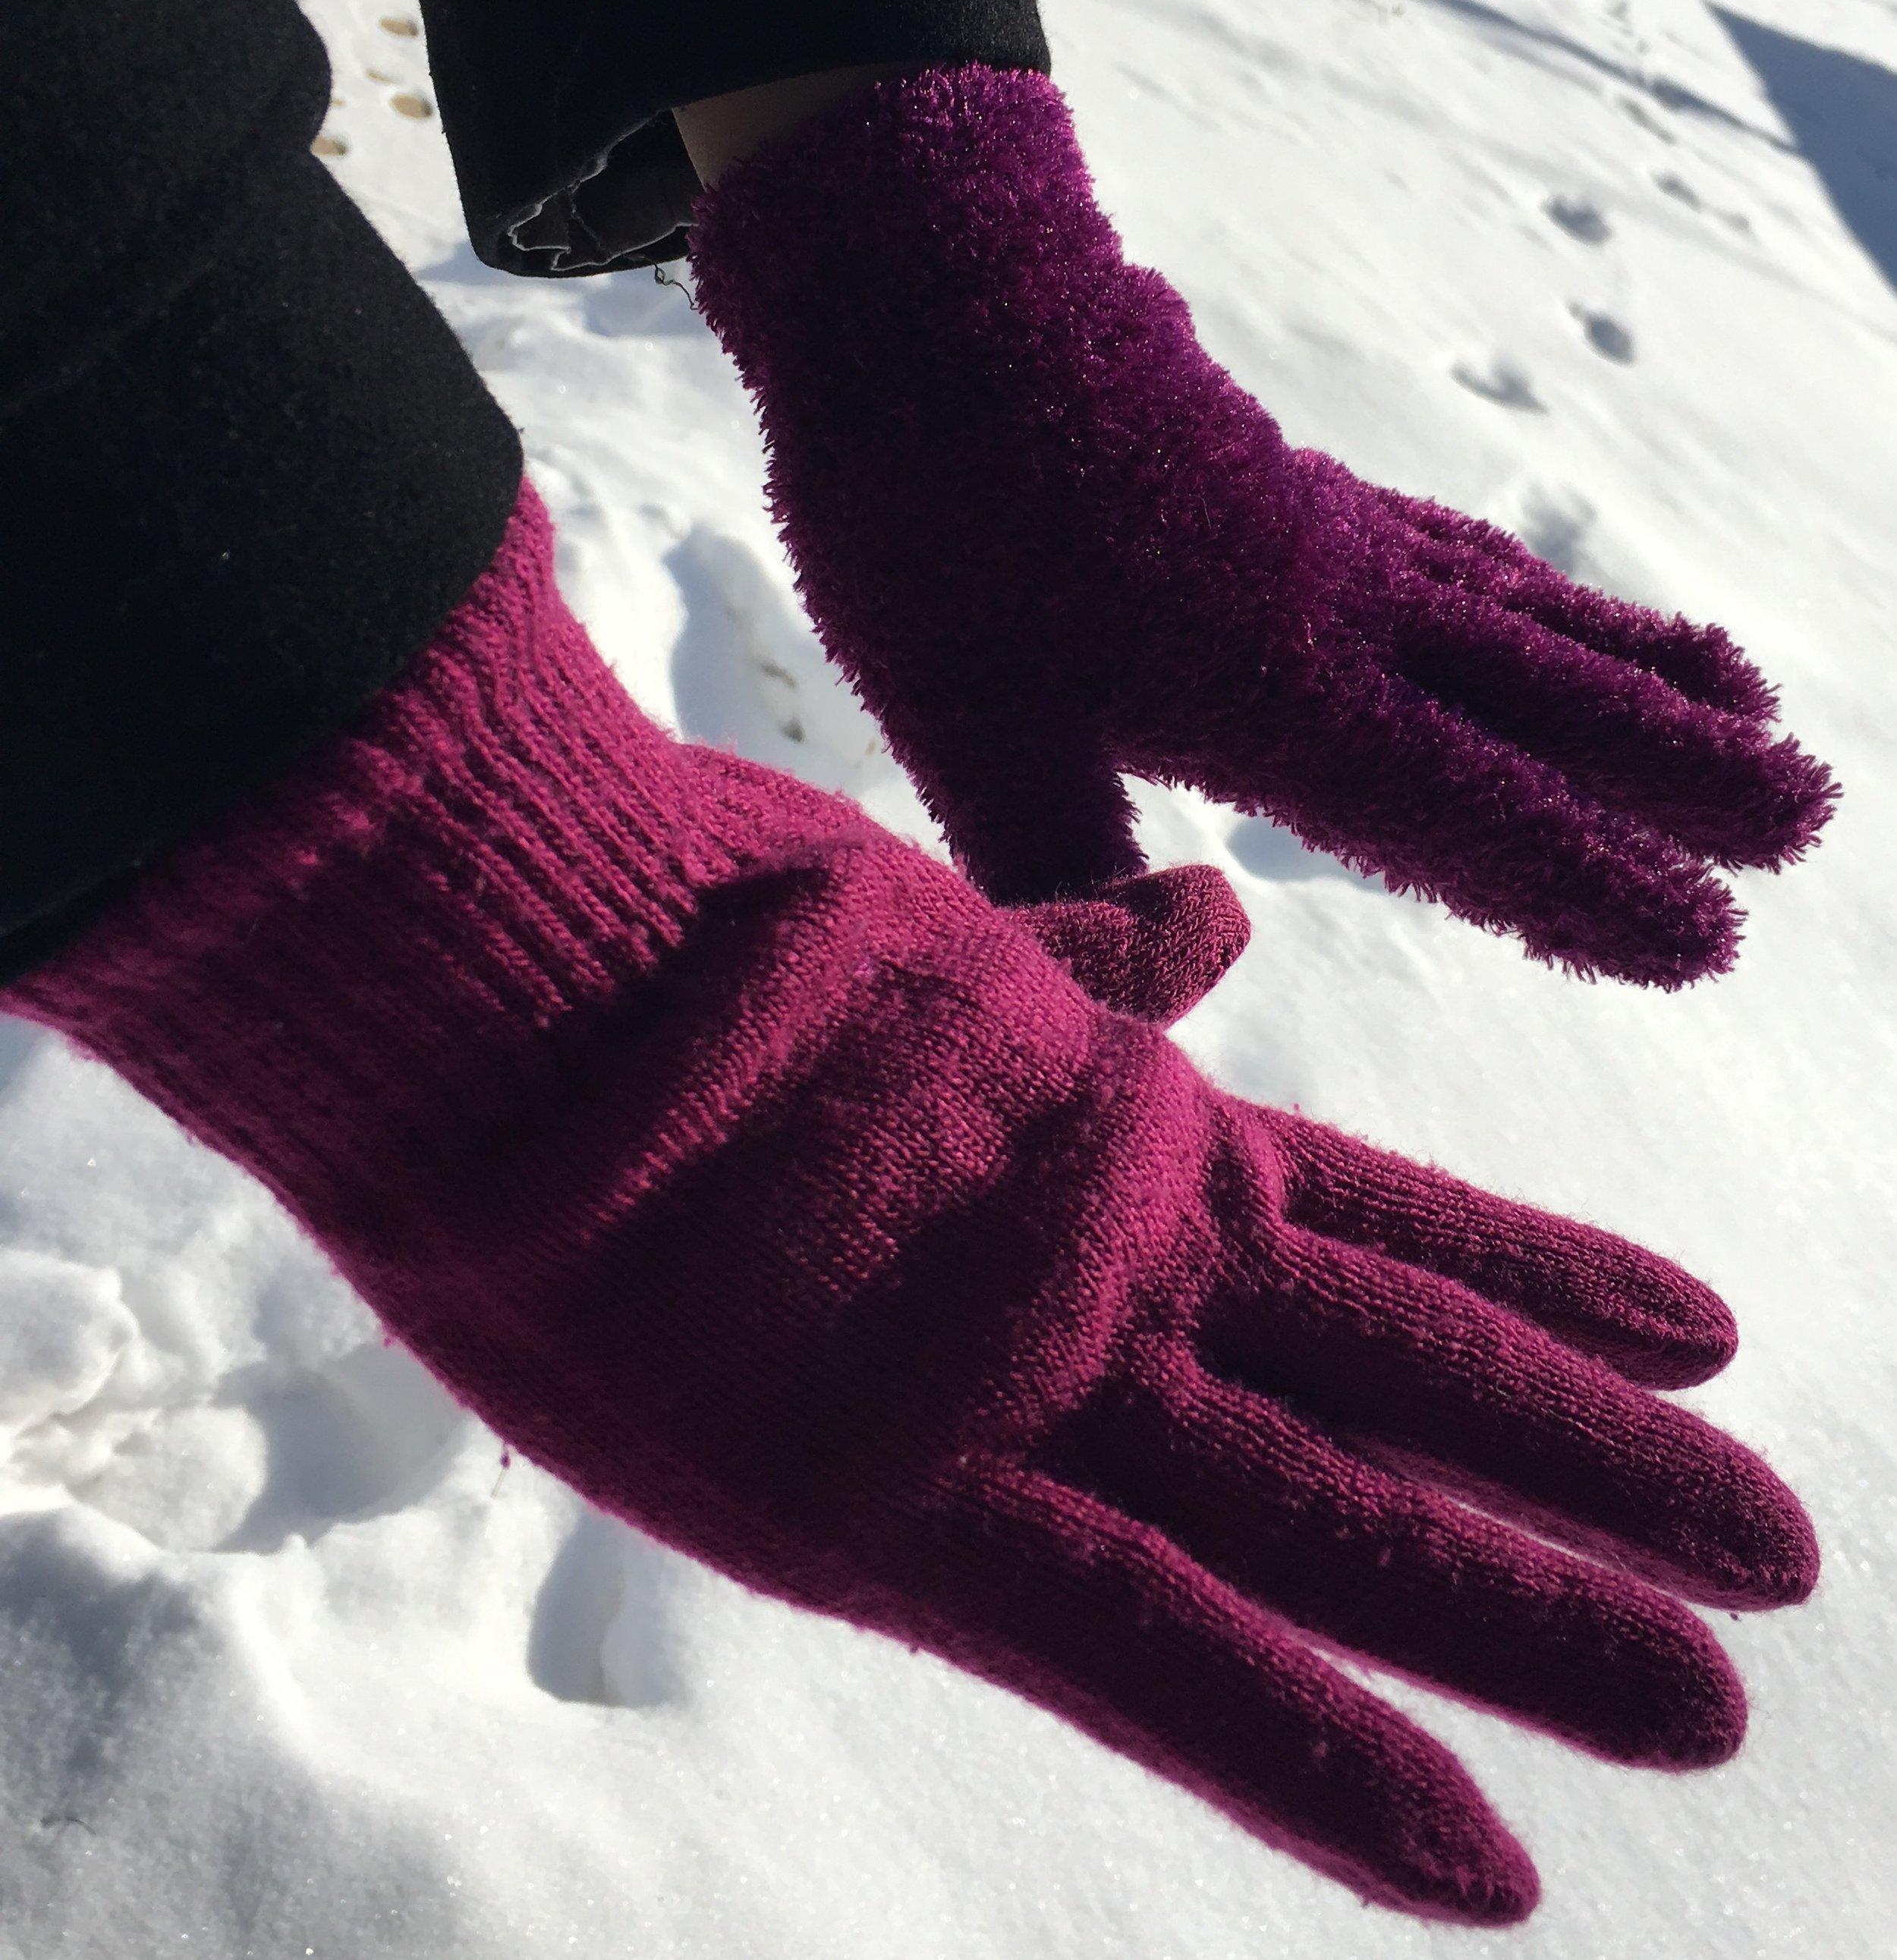 Kat's Gloves.jpg